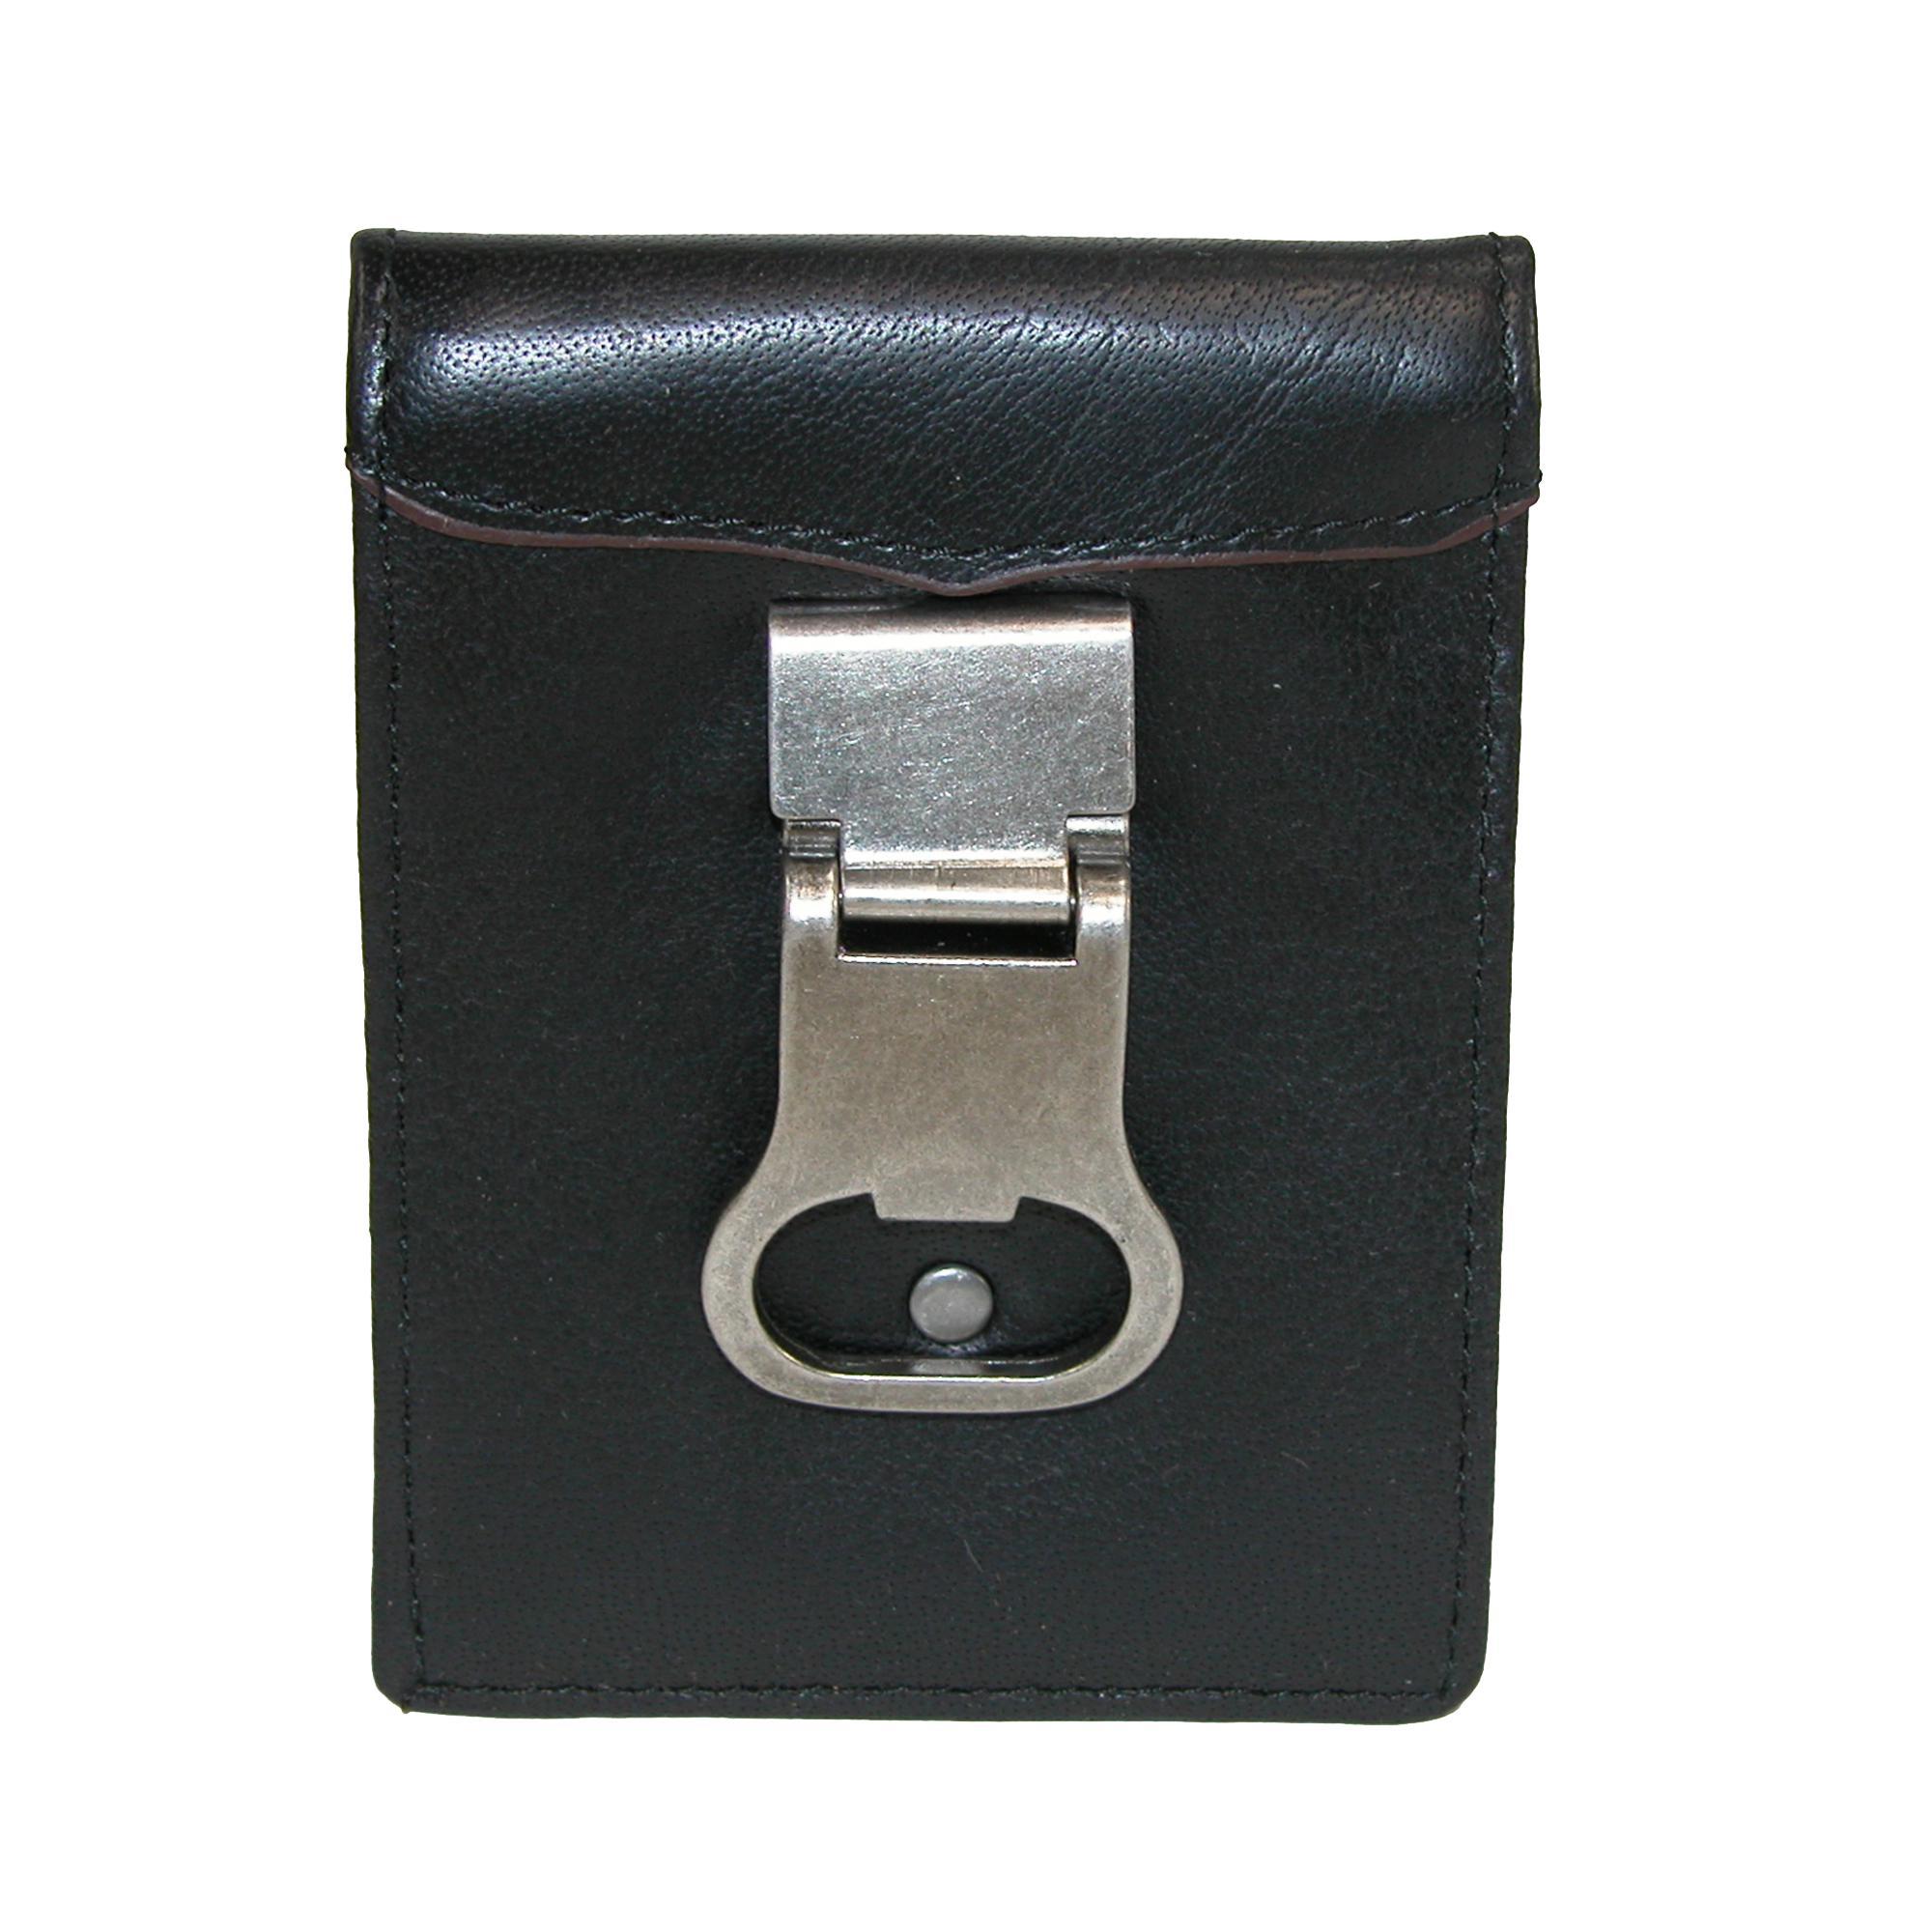 money belt usa page 3. Black Bedroom Furniture Sets. Home Design Ideas